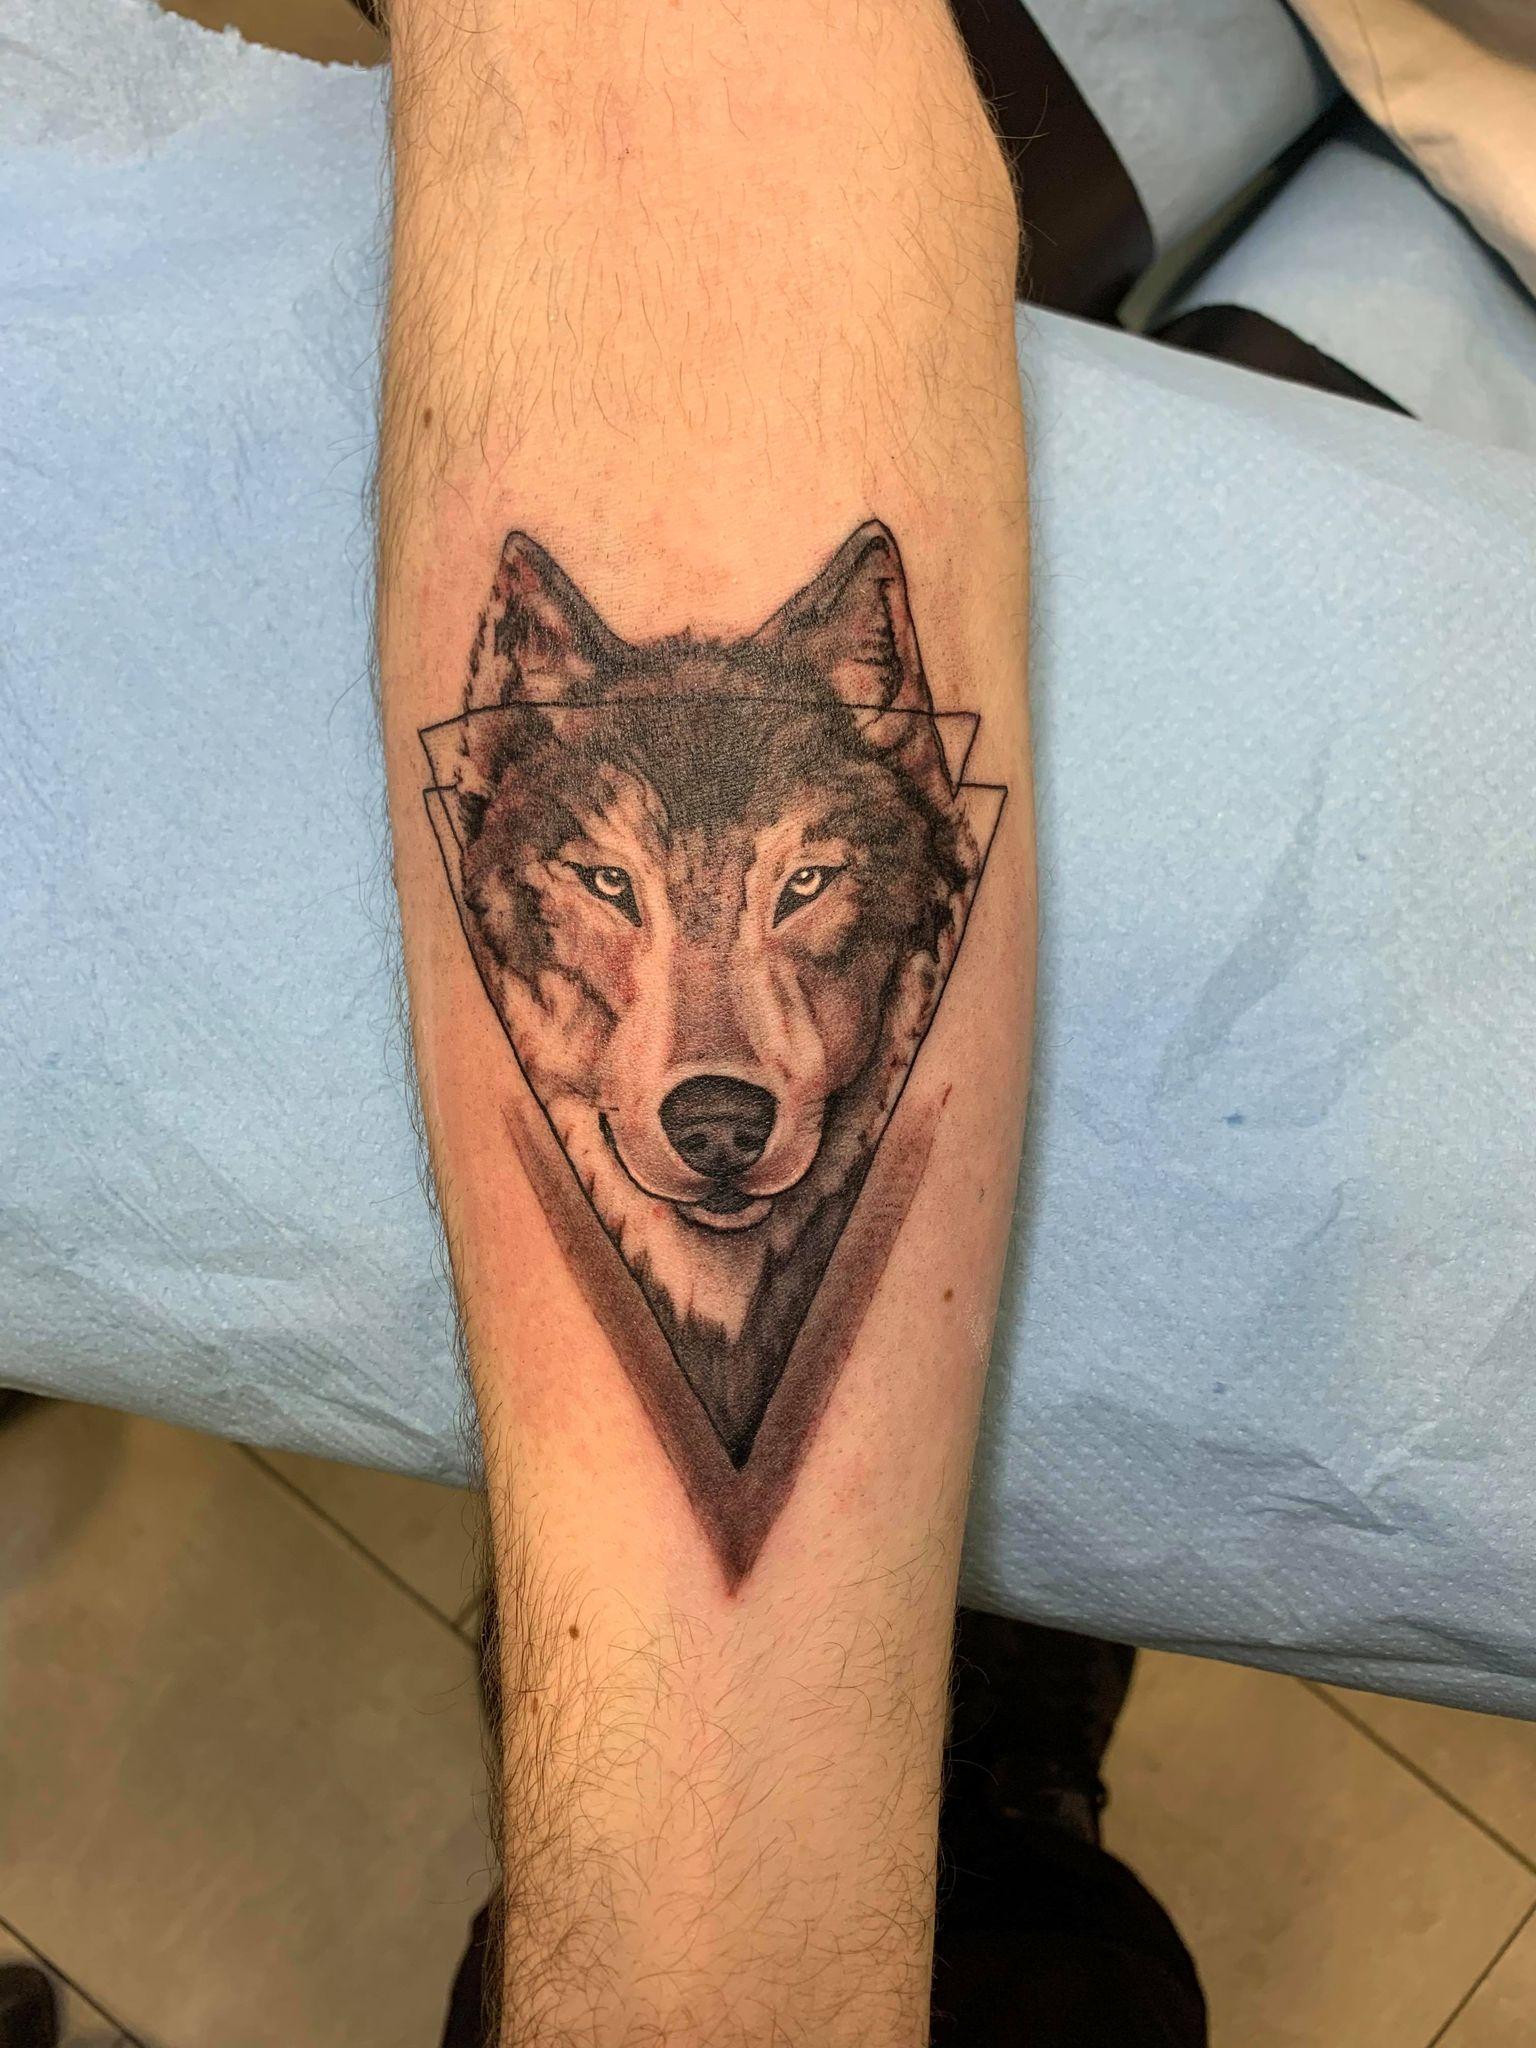 tatouage babylone tattoo avant bras noir ombrages tete de loup 136